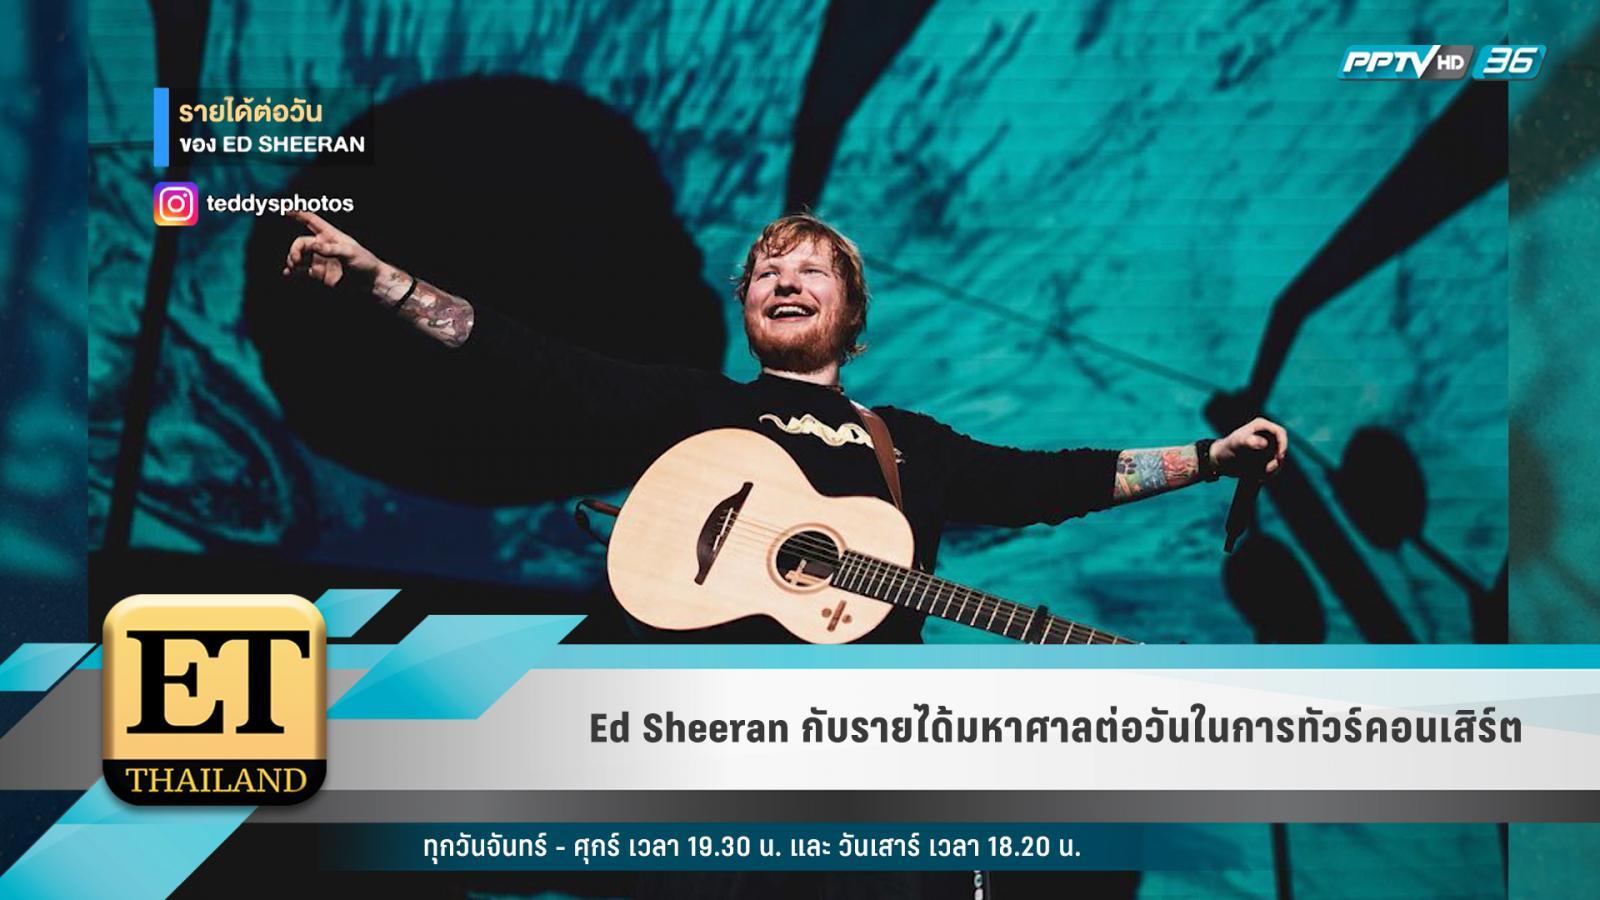 Ed Sheeran กับรายได้มหาศาลต่อวันในการทัวร์คอนเสิร์ต